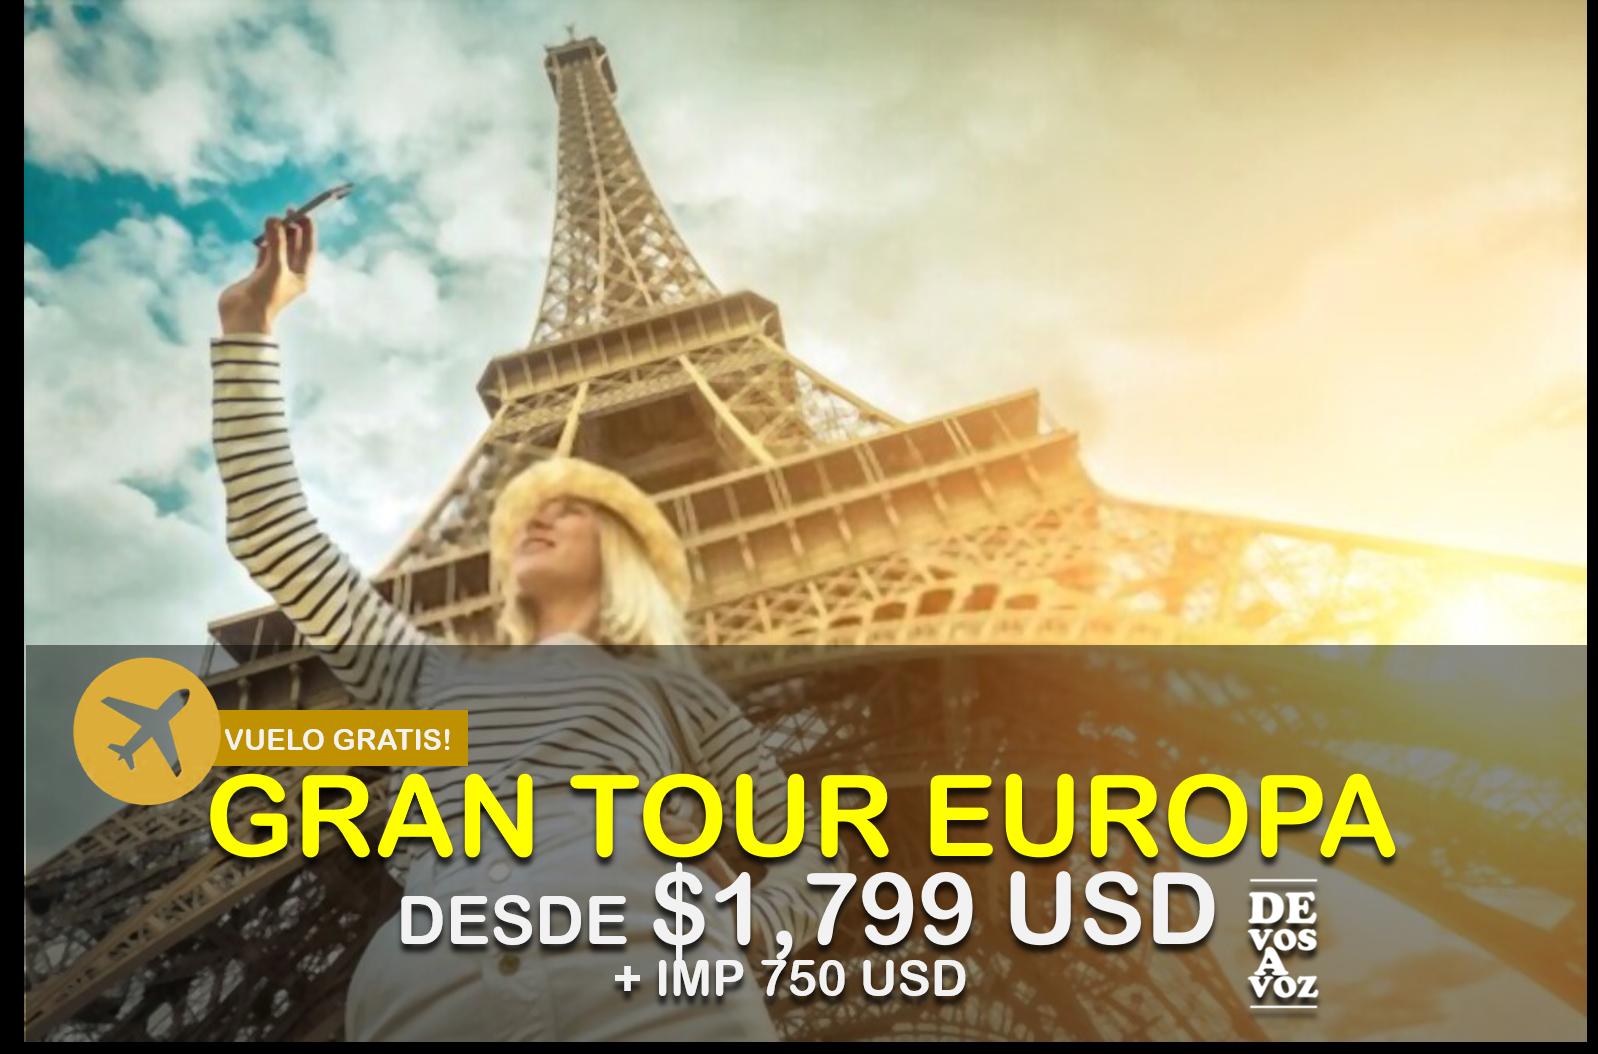 EUROPA GRAN TOUR